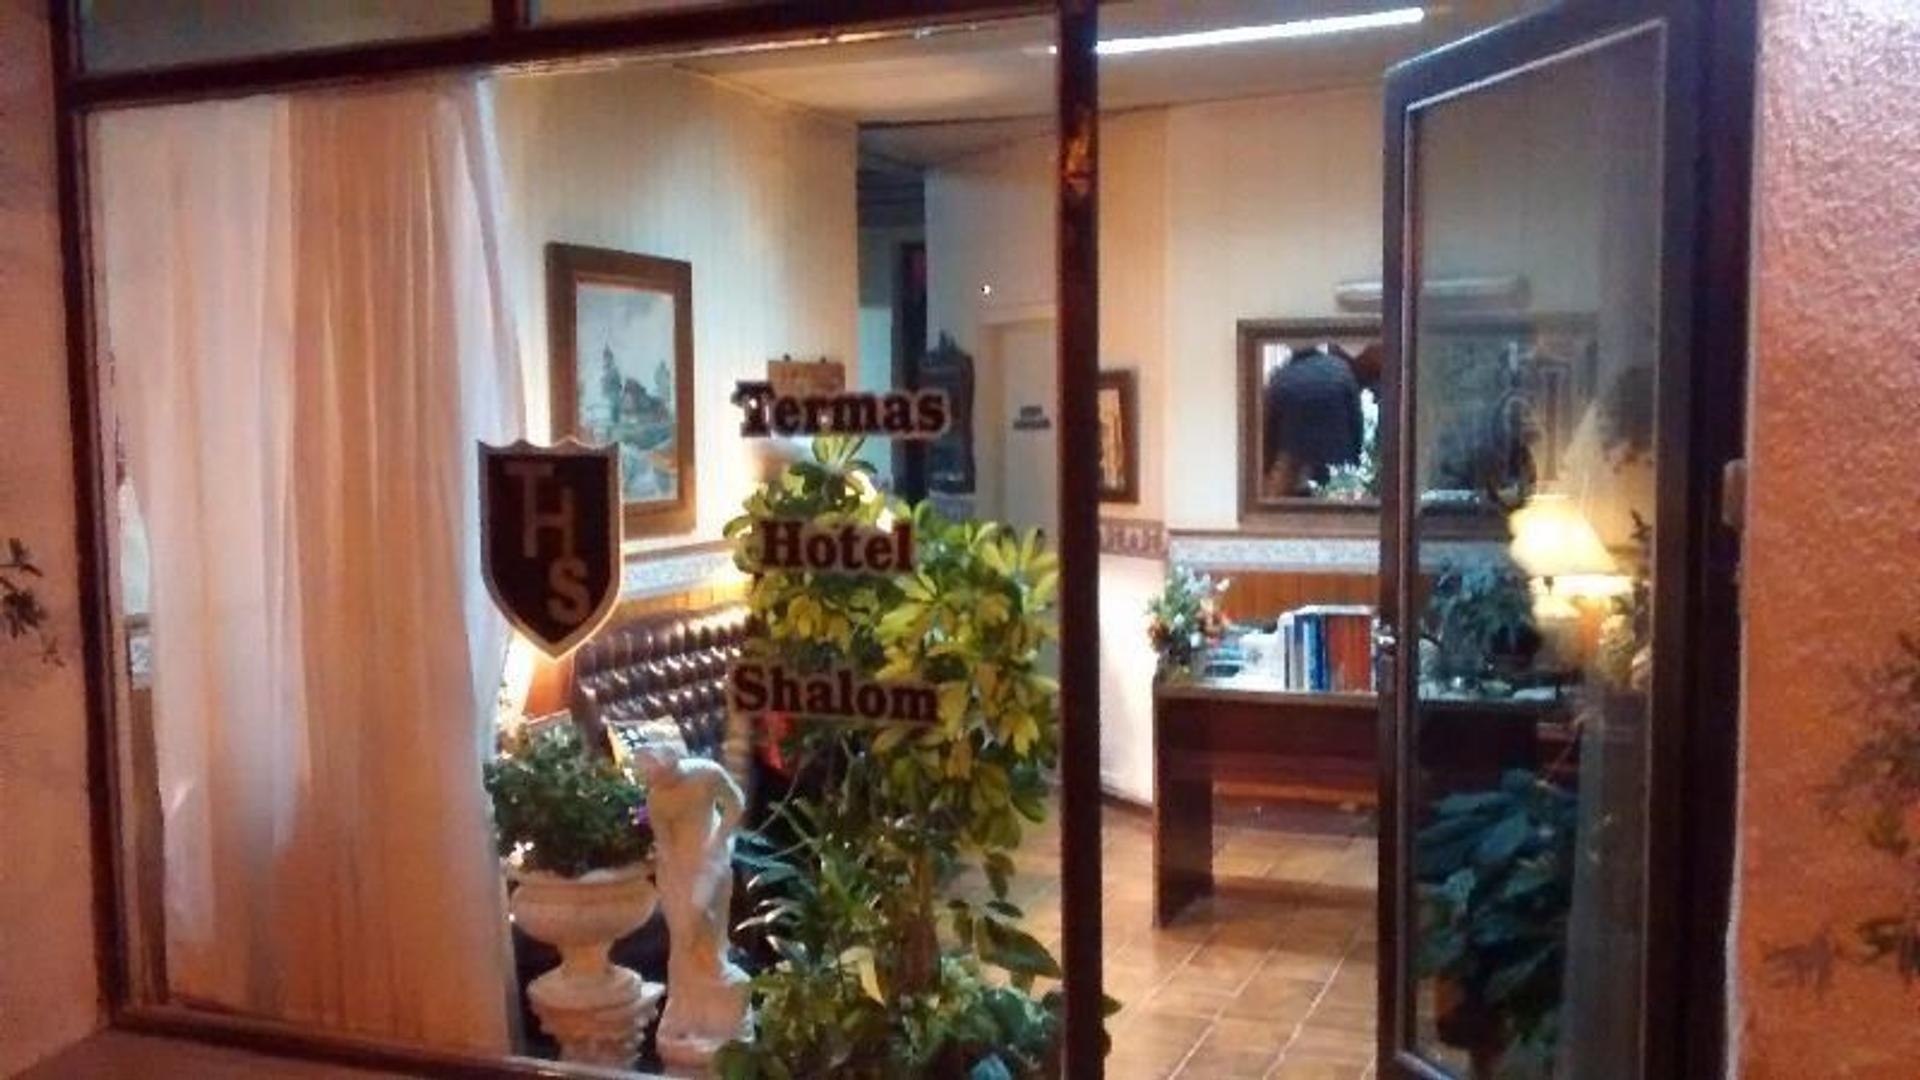 HOTEL BOUTIQUE EN CARHUÉ, CIUDAD DE AGUAS TERMALES